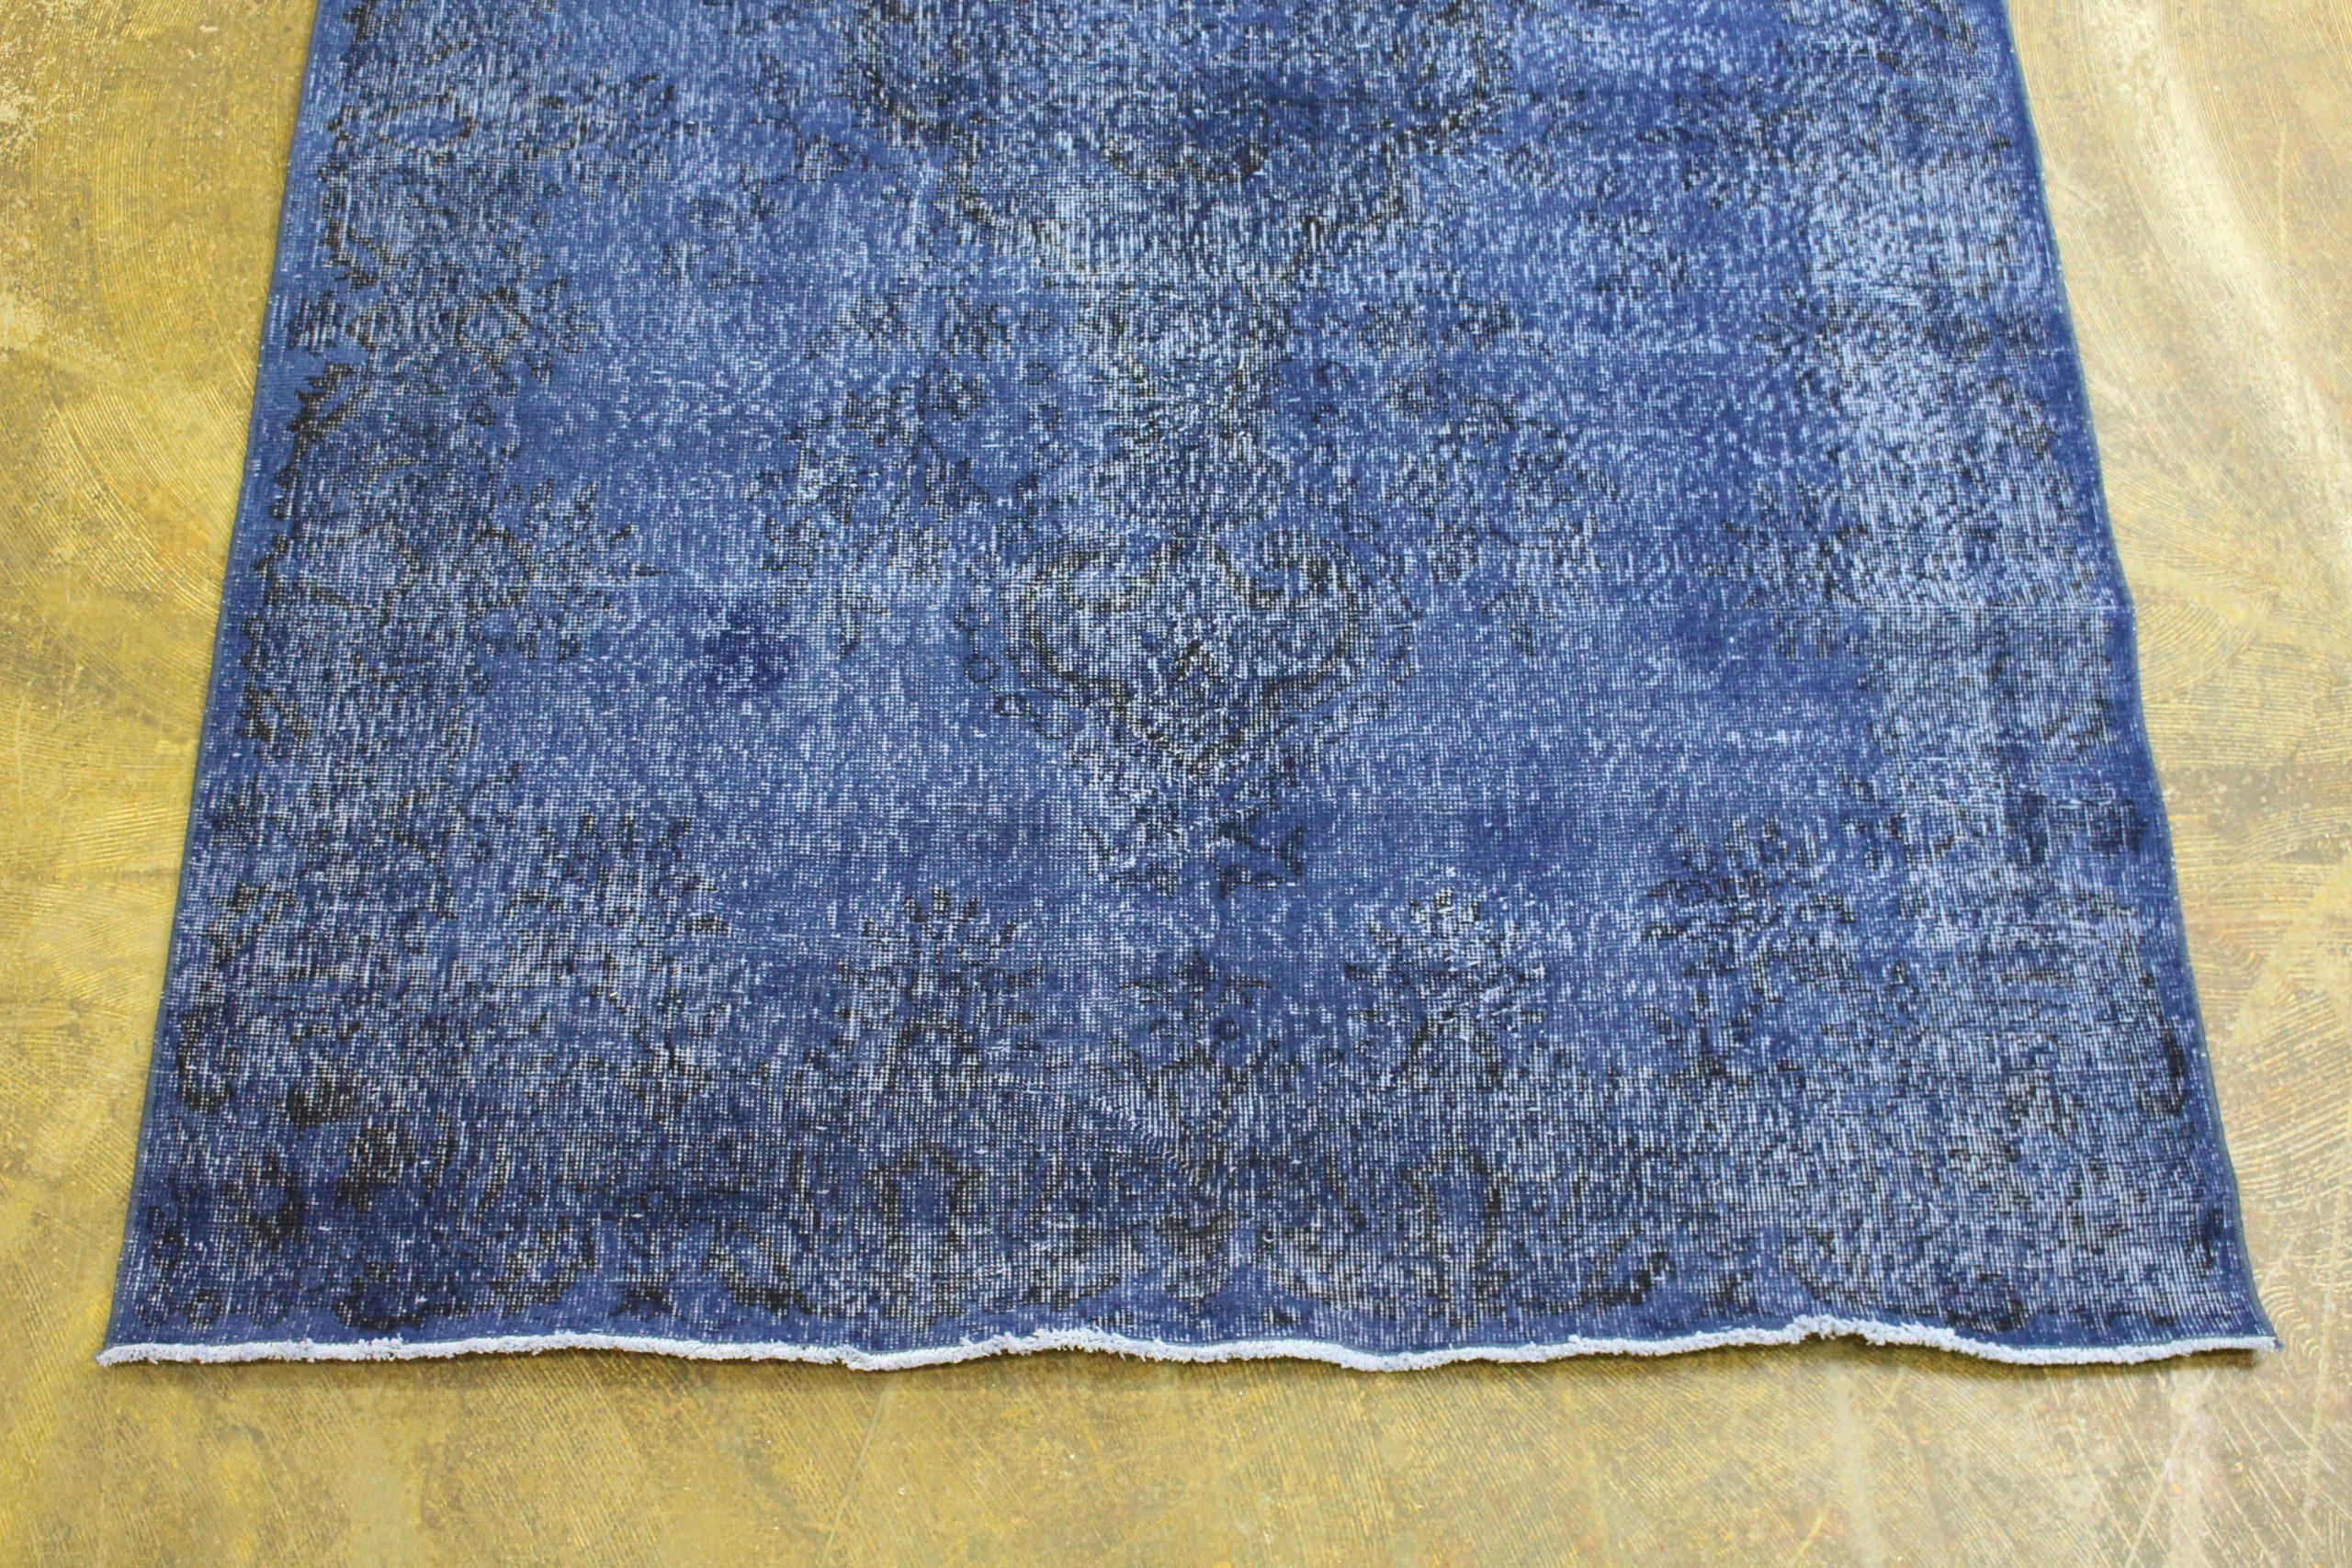 Blue Patterned Overdyed Turkish Vintage Rug1